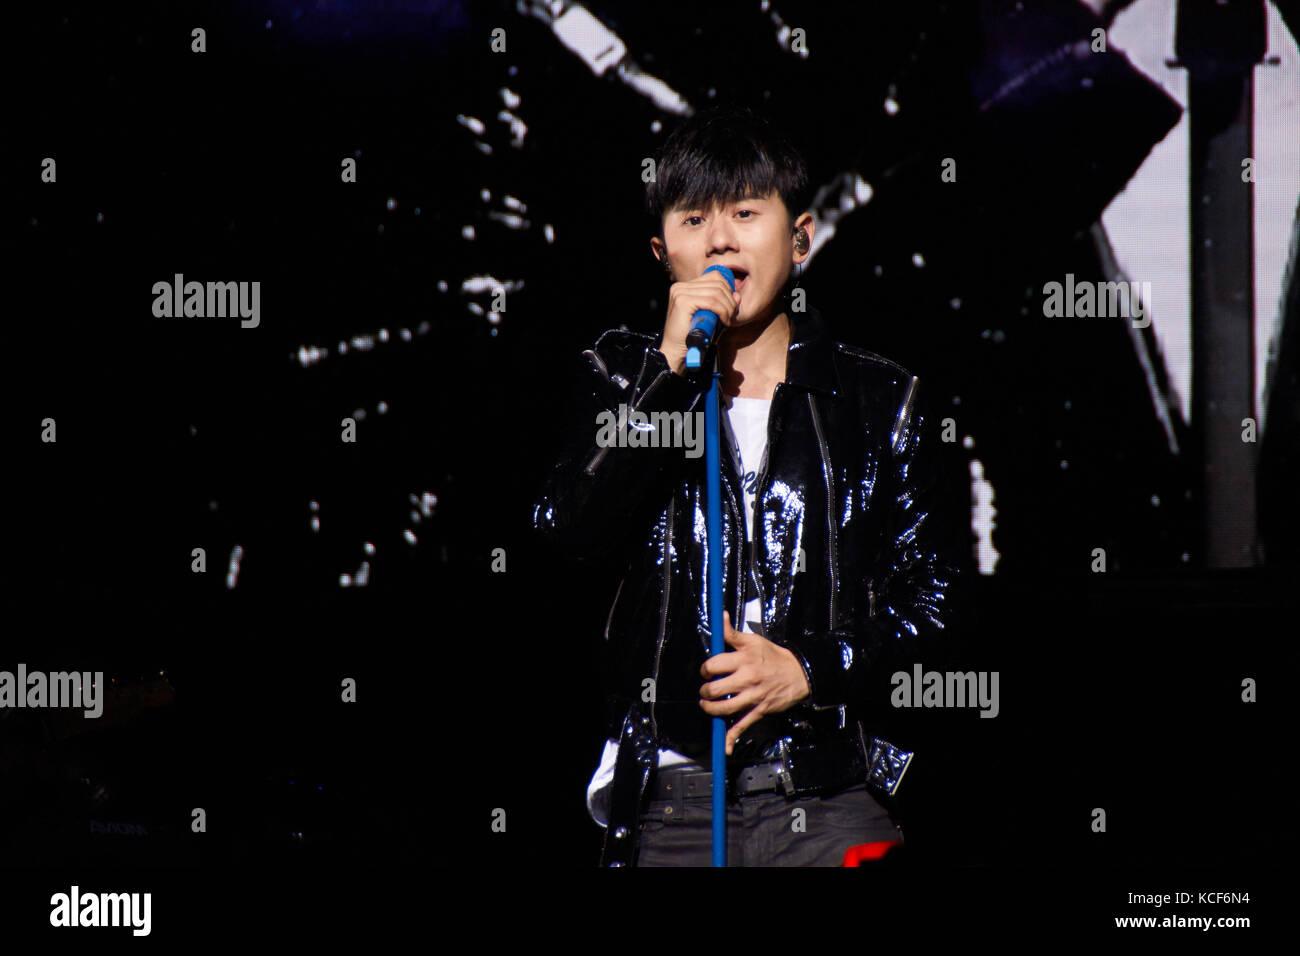 London, UK, 4. Oktober 2017. Zhang jie Konzert in der o2-indigo als Teil der Sound von meinem Herzen World Tour. Credit: Calvin tan/alamy leben Nachrichten Stockfoto